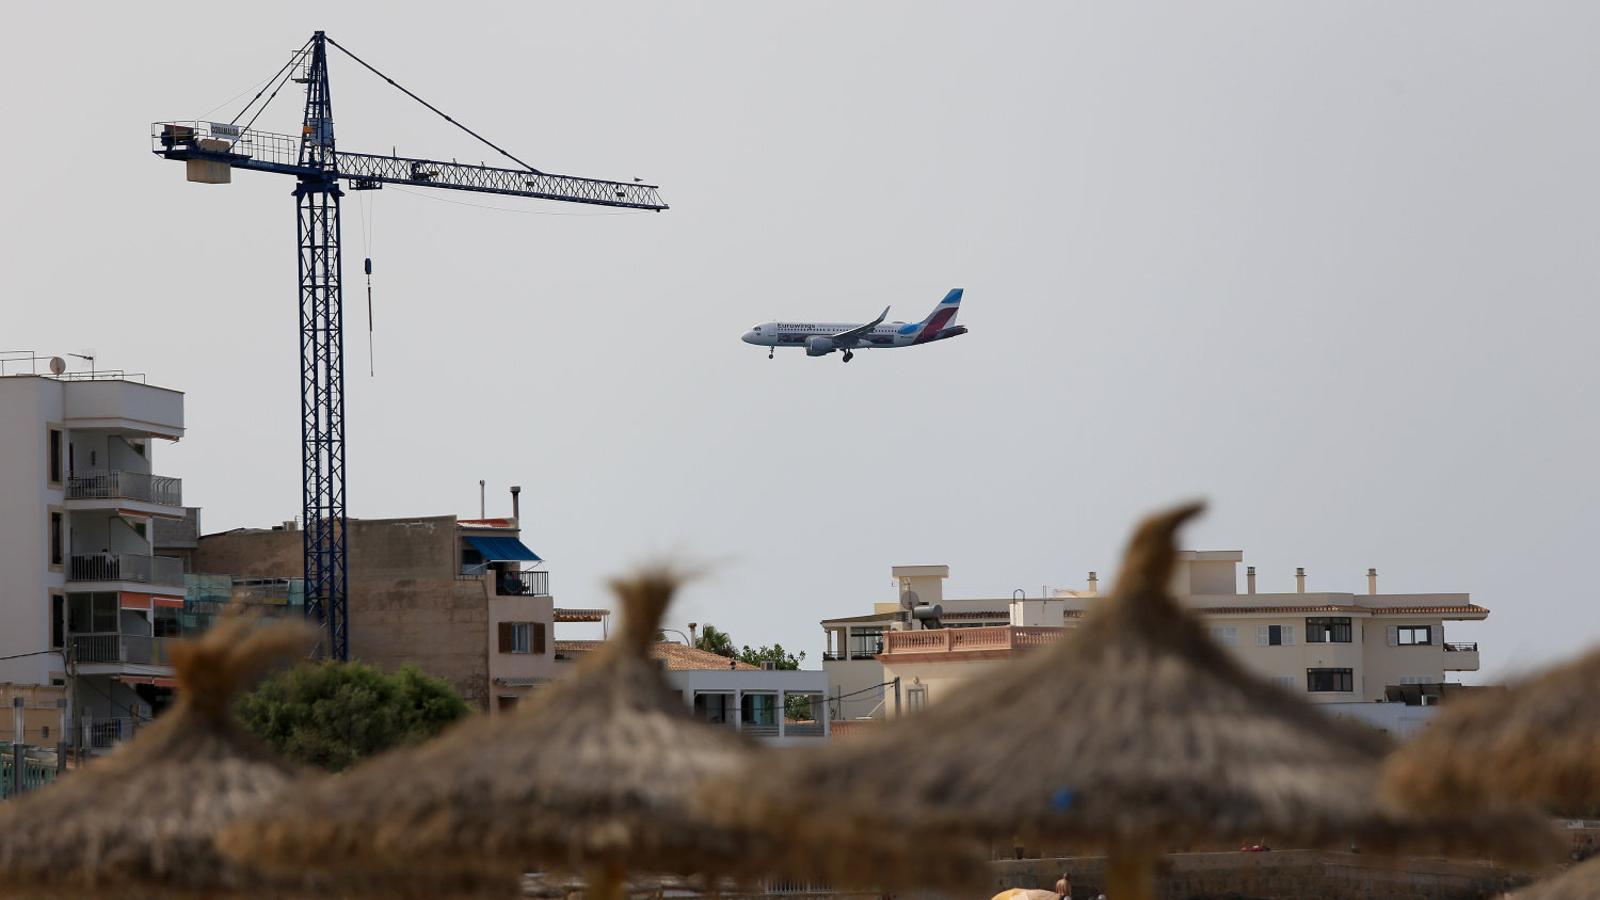 Les obres il·legals proliferen a Eivissa durant l'estat d'alarma